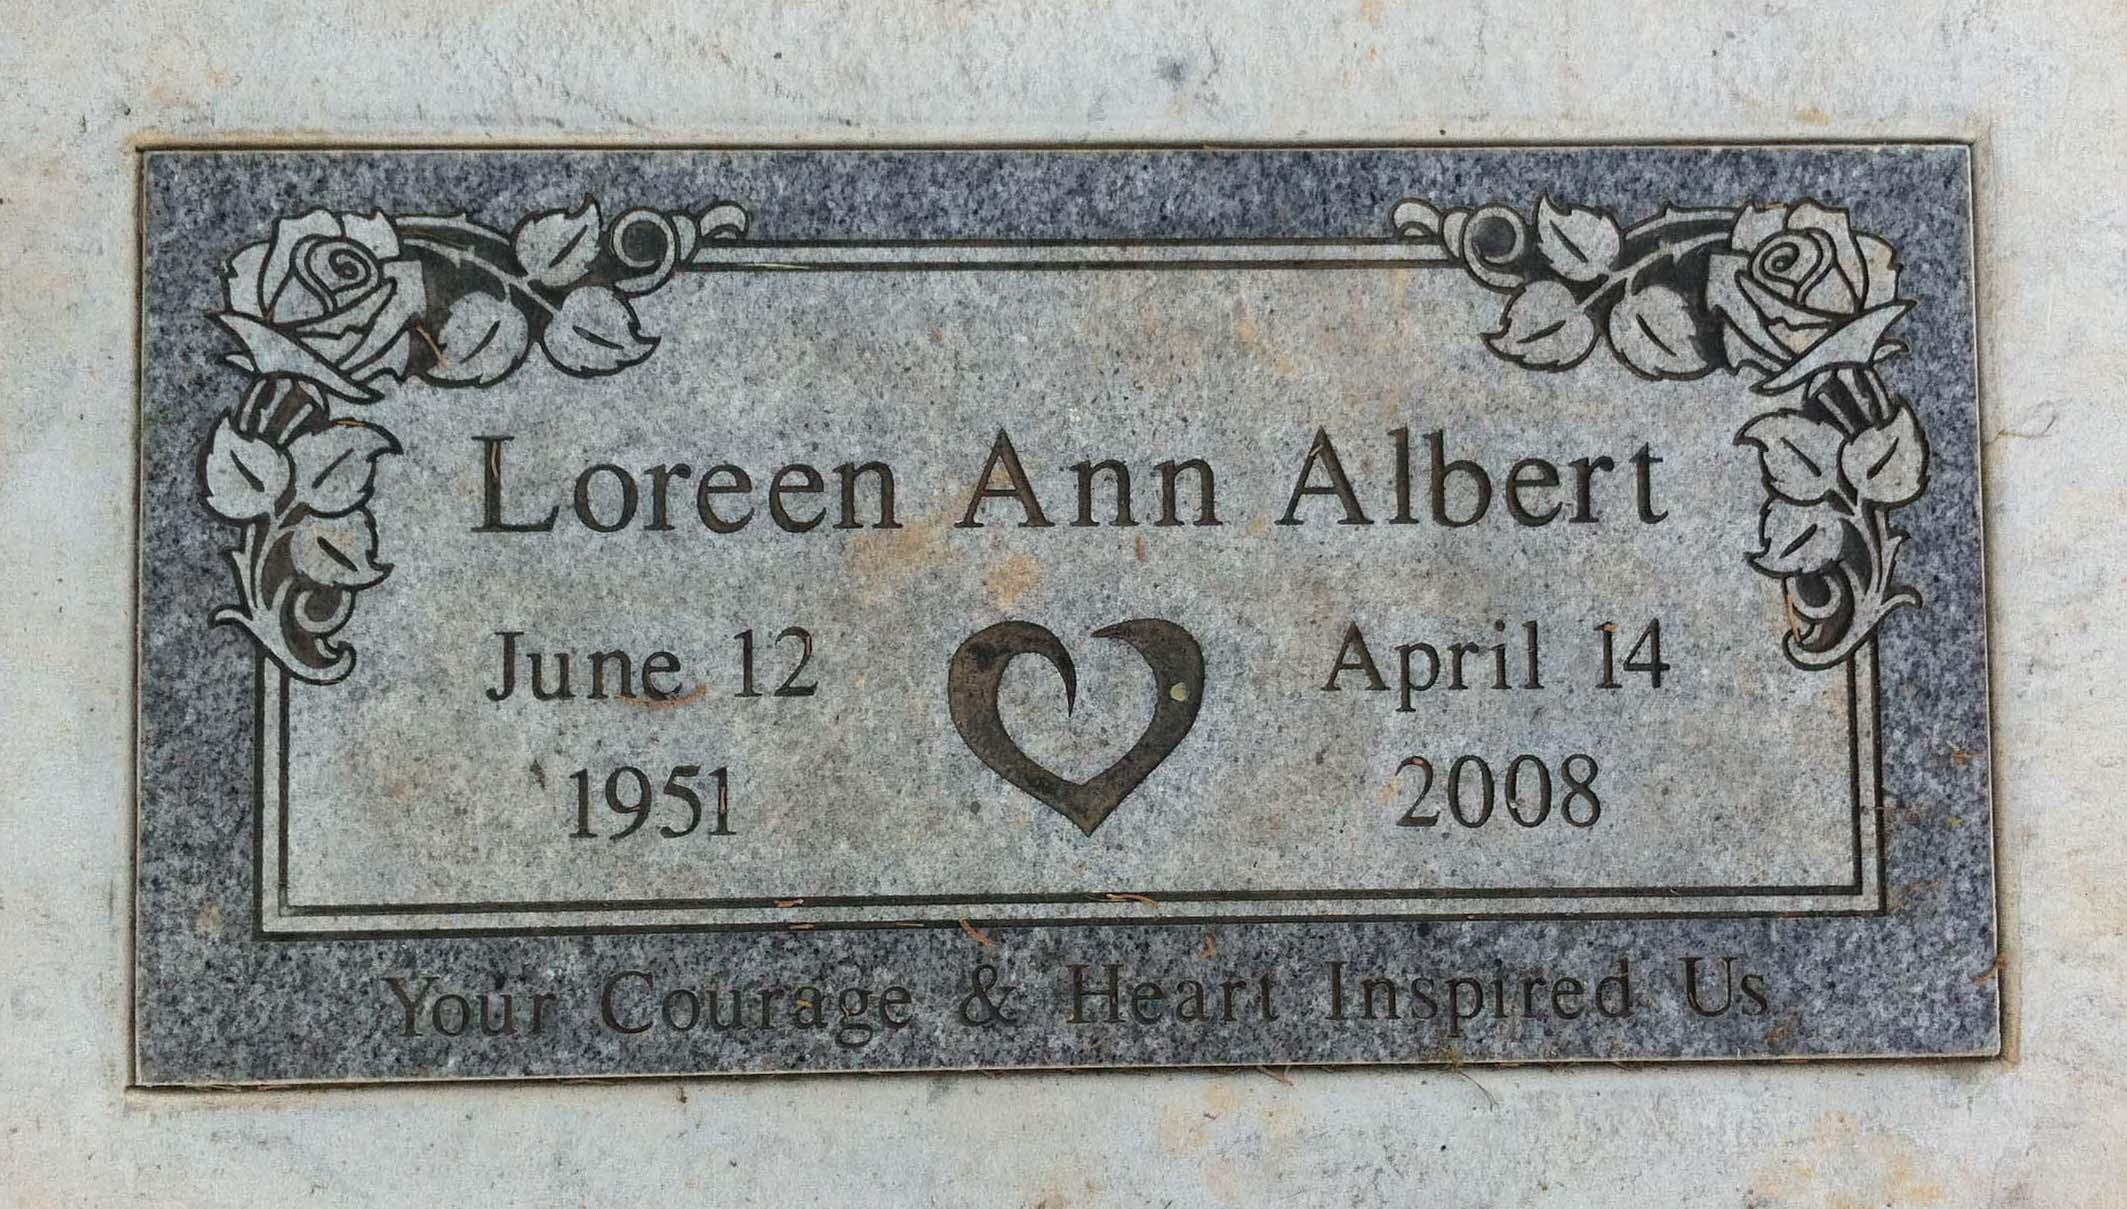 Loreen Ann Albert